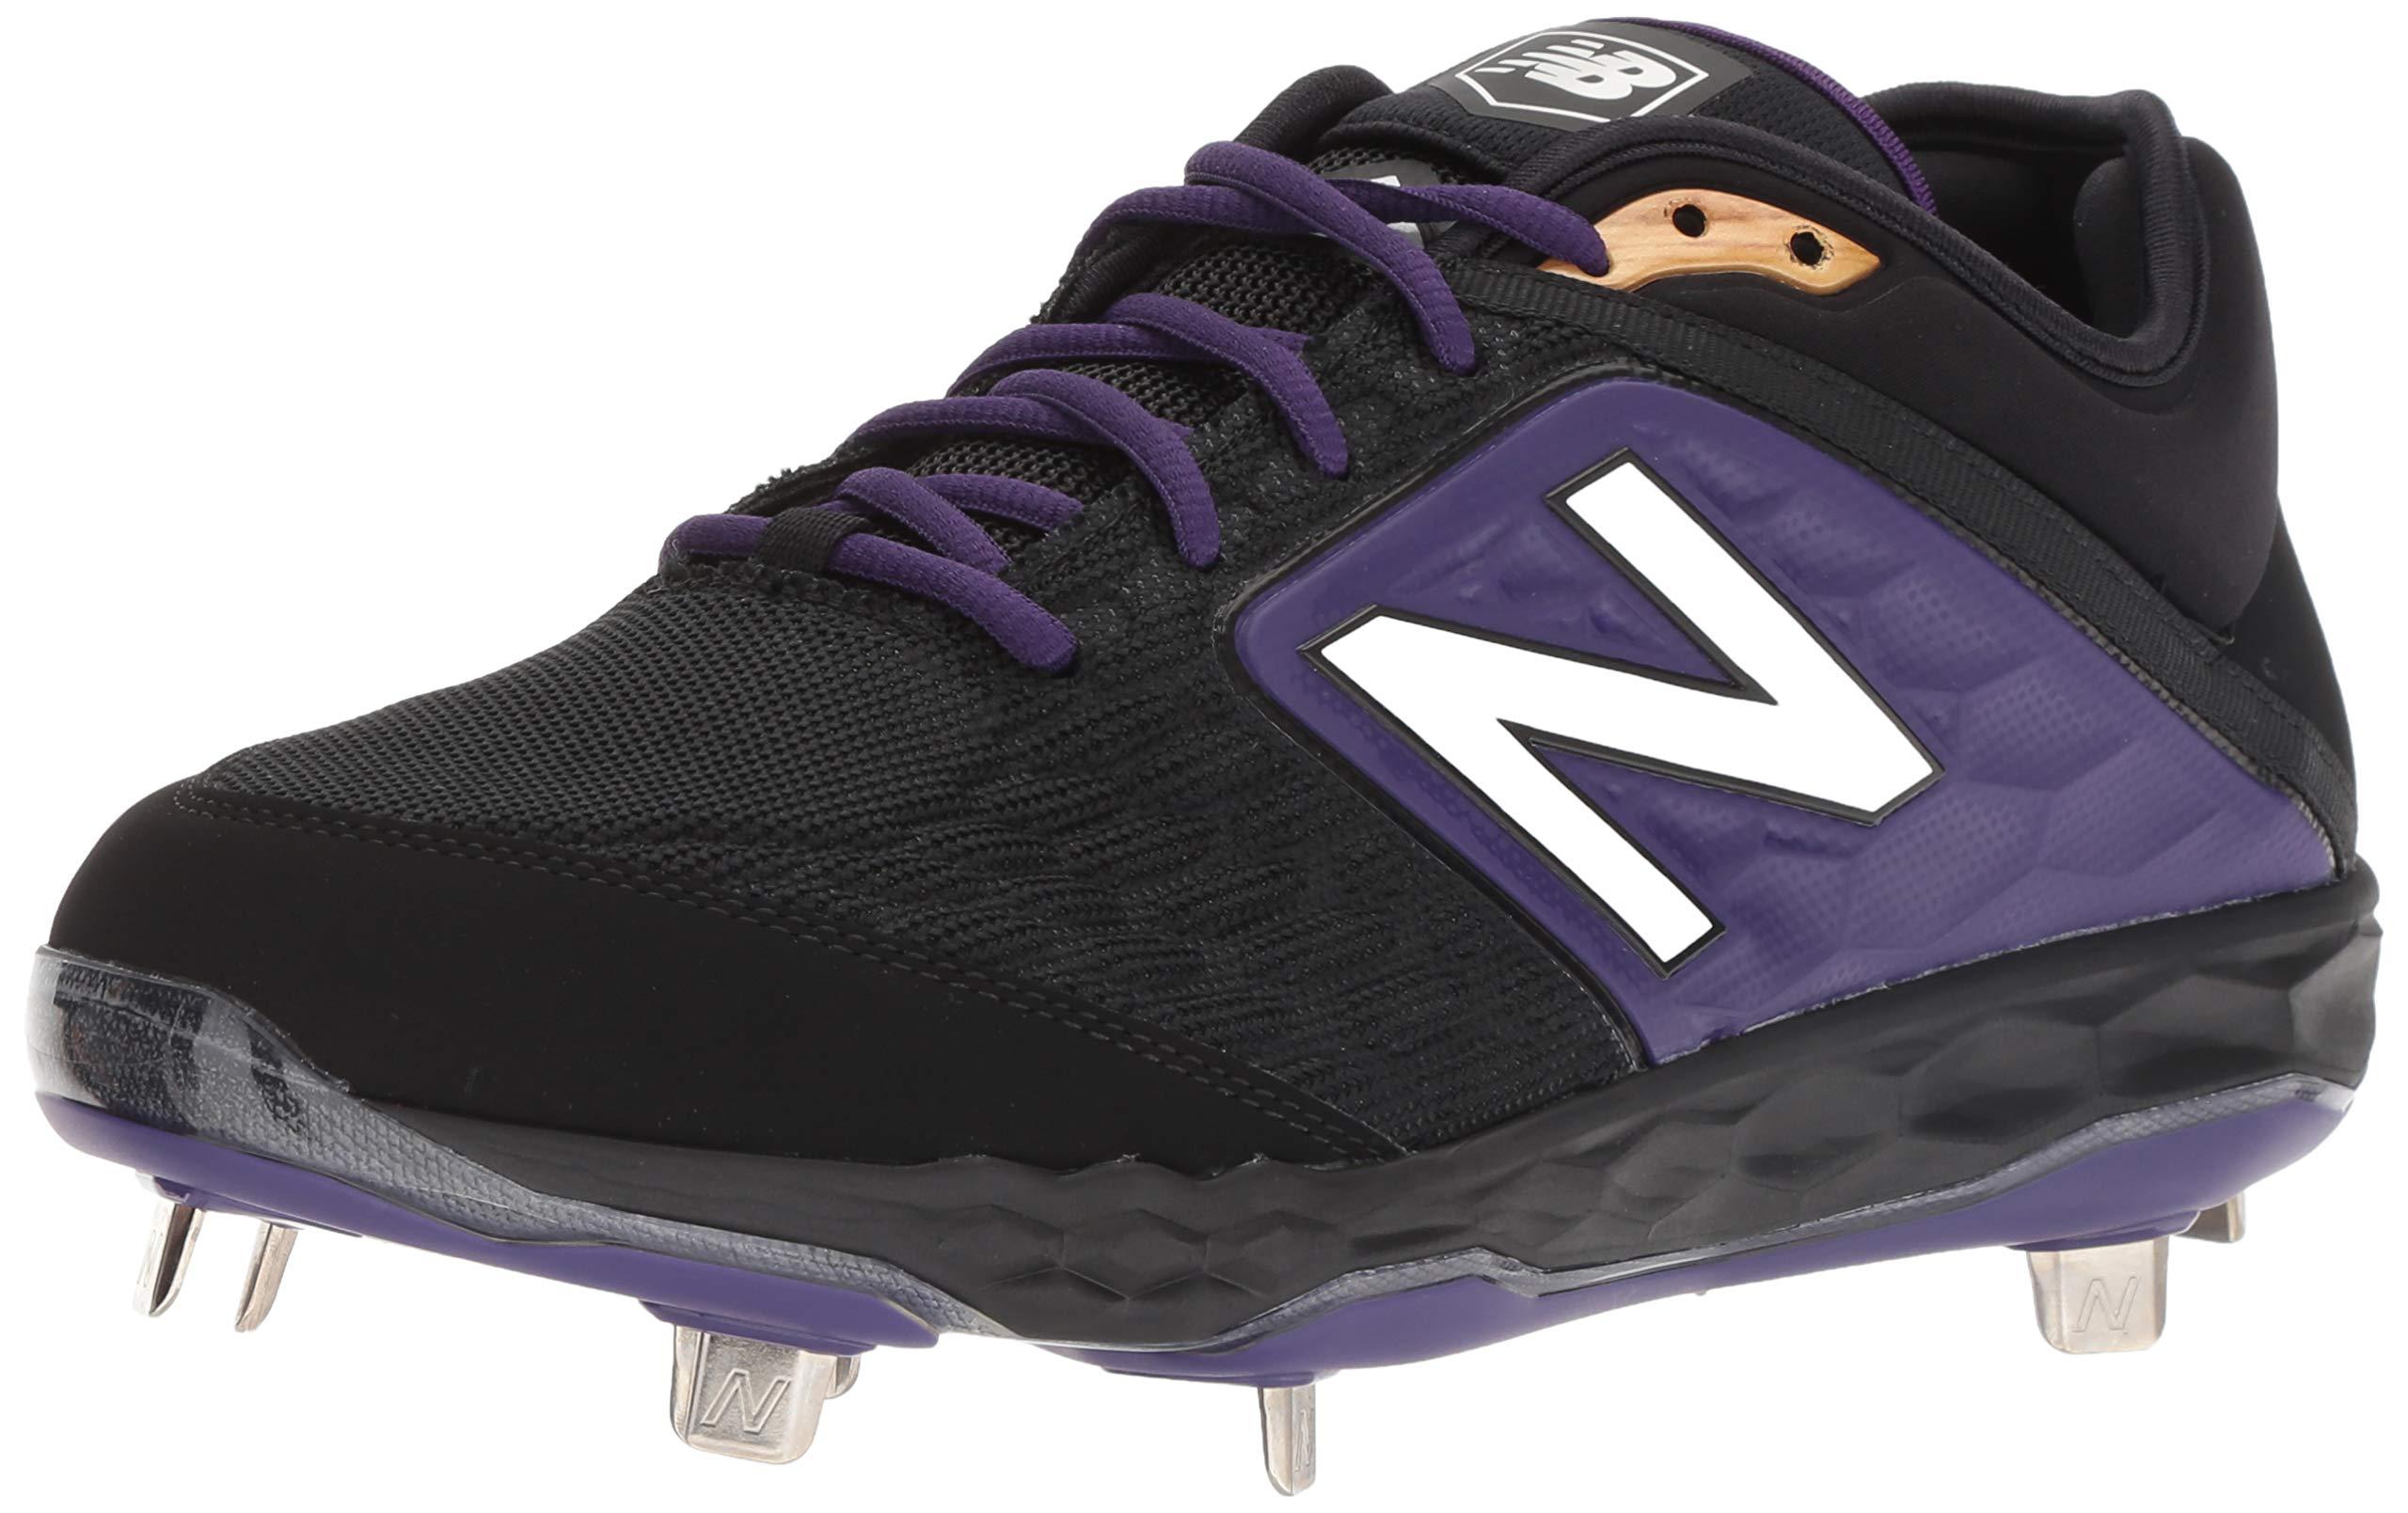 New Balance Men's 3000v4 Baseball Shoe, Black/Purple, 5 D US